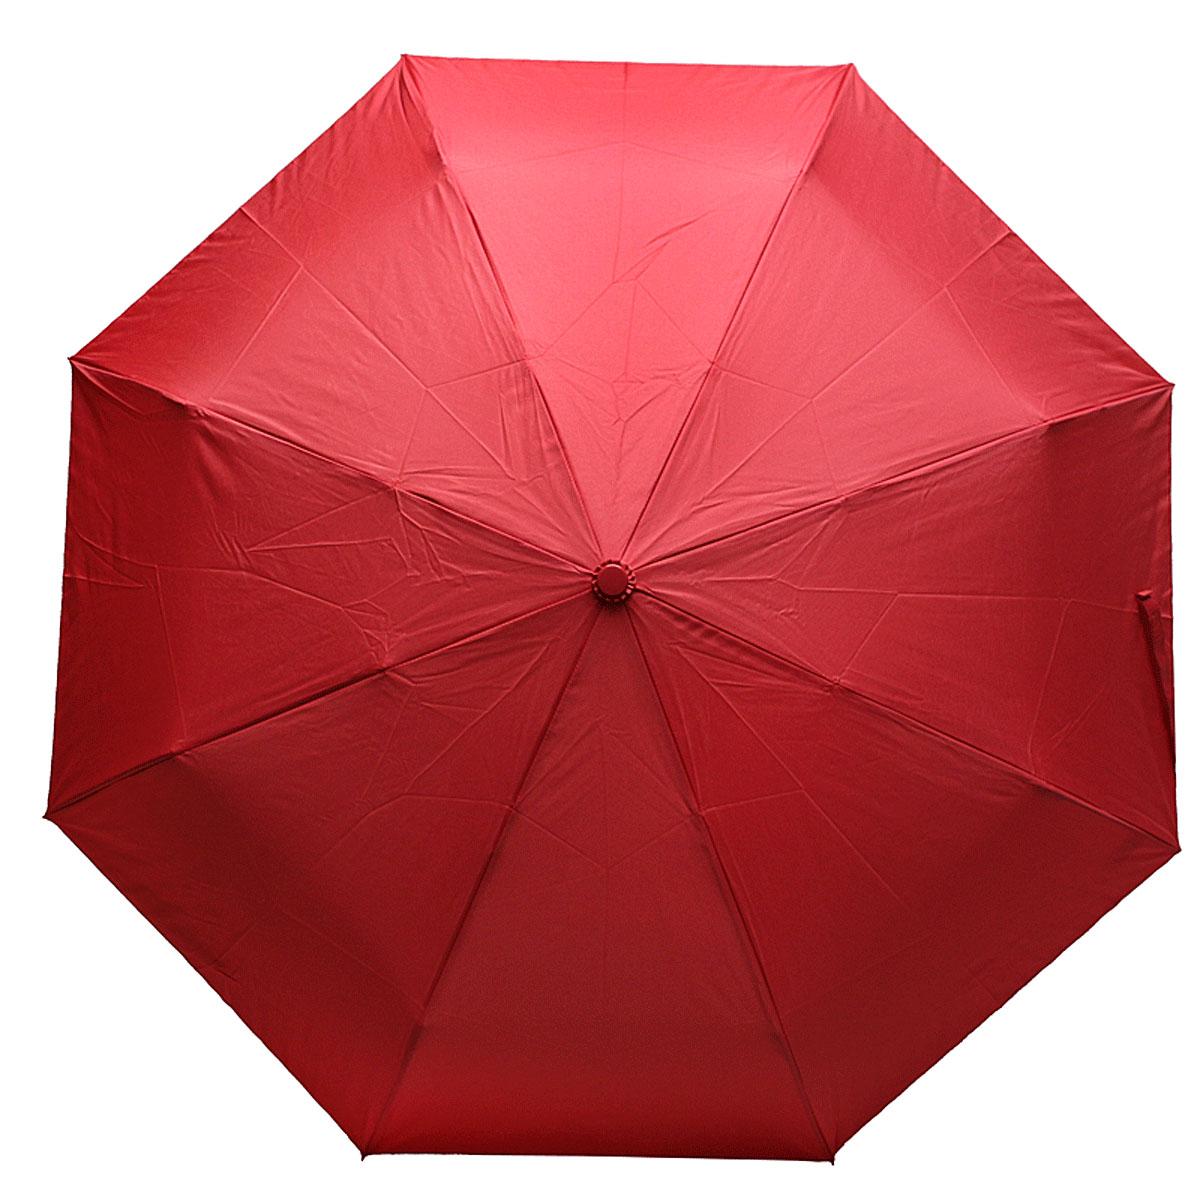 Зонт женский Vogue, полный автомат, 3 сложения, цвет: красный. 374V-2374V-2Зонт полный автомат испанского производителя Vogue Каркас имеет противоветровый эффект 3 сложения Стержень: сталь 8спиц по 54см. Диаметр купола: 95см. Вес: 361гр. Длина в сложенном положении: 29см. Коллекция Vogue, отражающая самые последние тенденции в моде, очень удачно сочетается с практичностью и отличным качеством испанских зонтов, применение в производстве каркасов современных материалов уменьшает вес зонтиков и гарантирует надежность и качество Рекомендации по использованию: Мокрый зонт нельзя оставять сложенным. Зонт после использования рекомндуется сушить в полураскрытом виде вдали от нагревательных приборов. Чистить зонт рекомендуется губкой, используя мягкие нещелочные растворы.